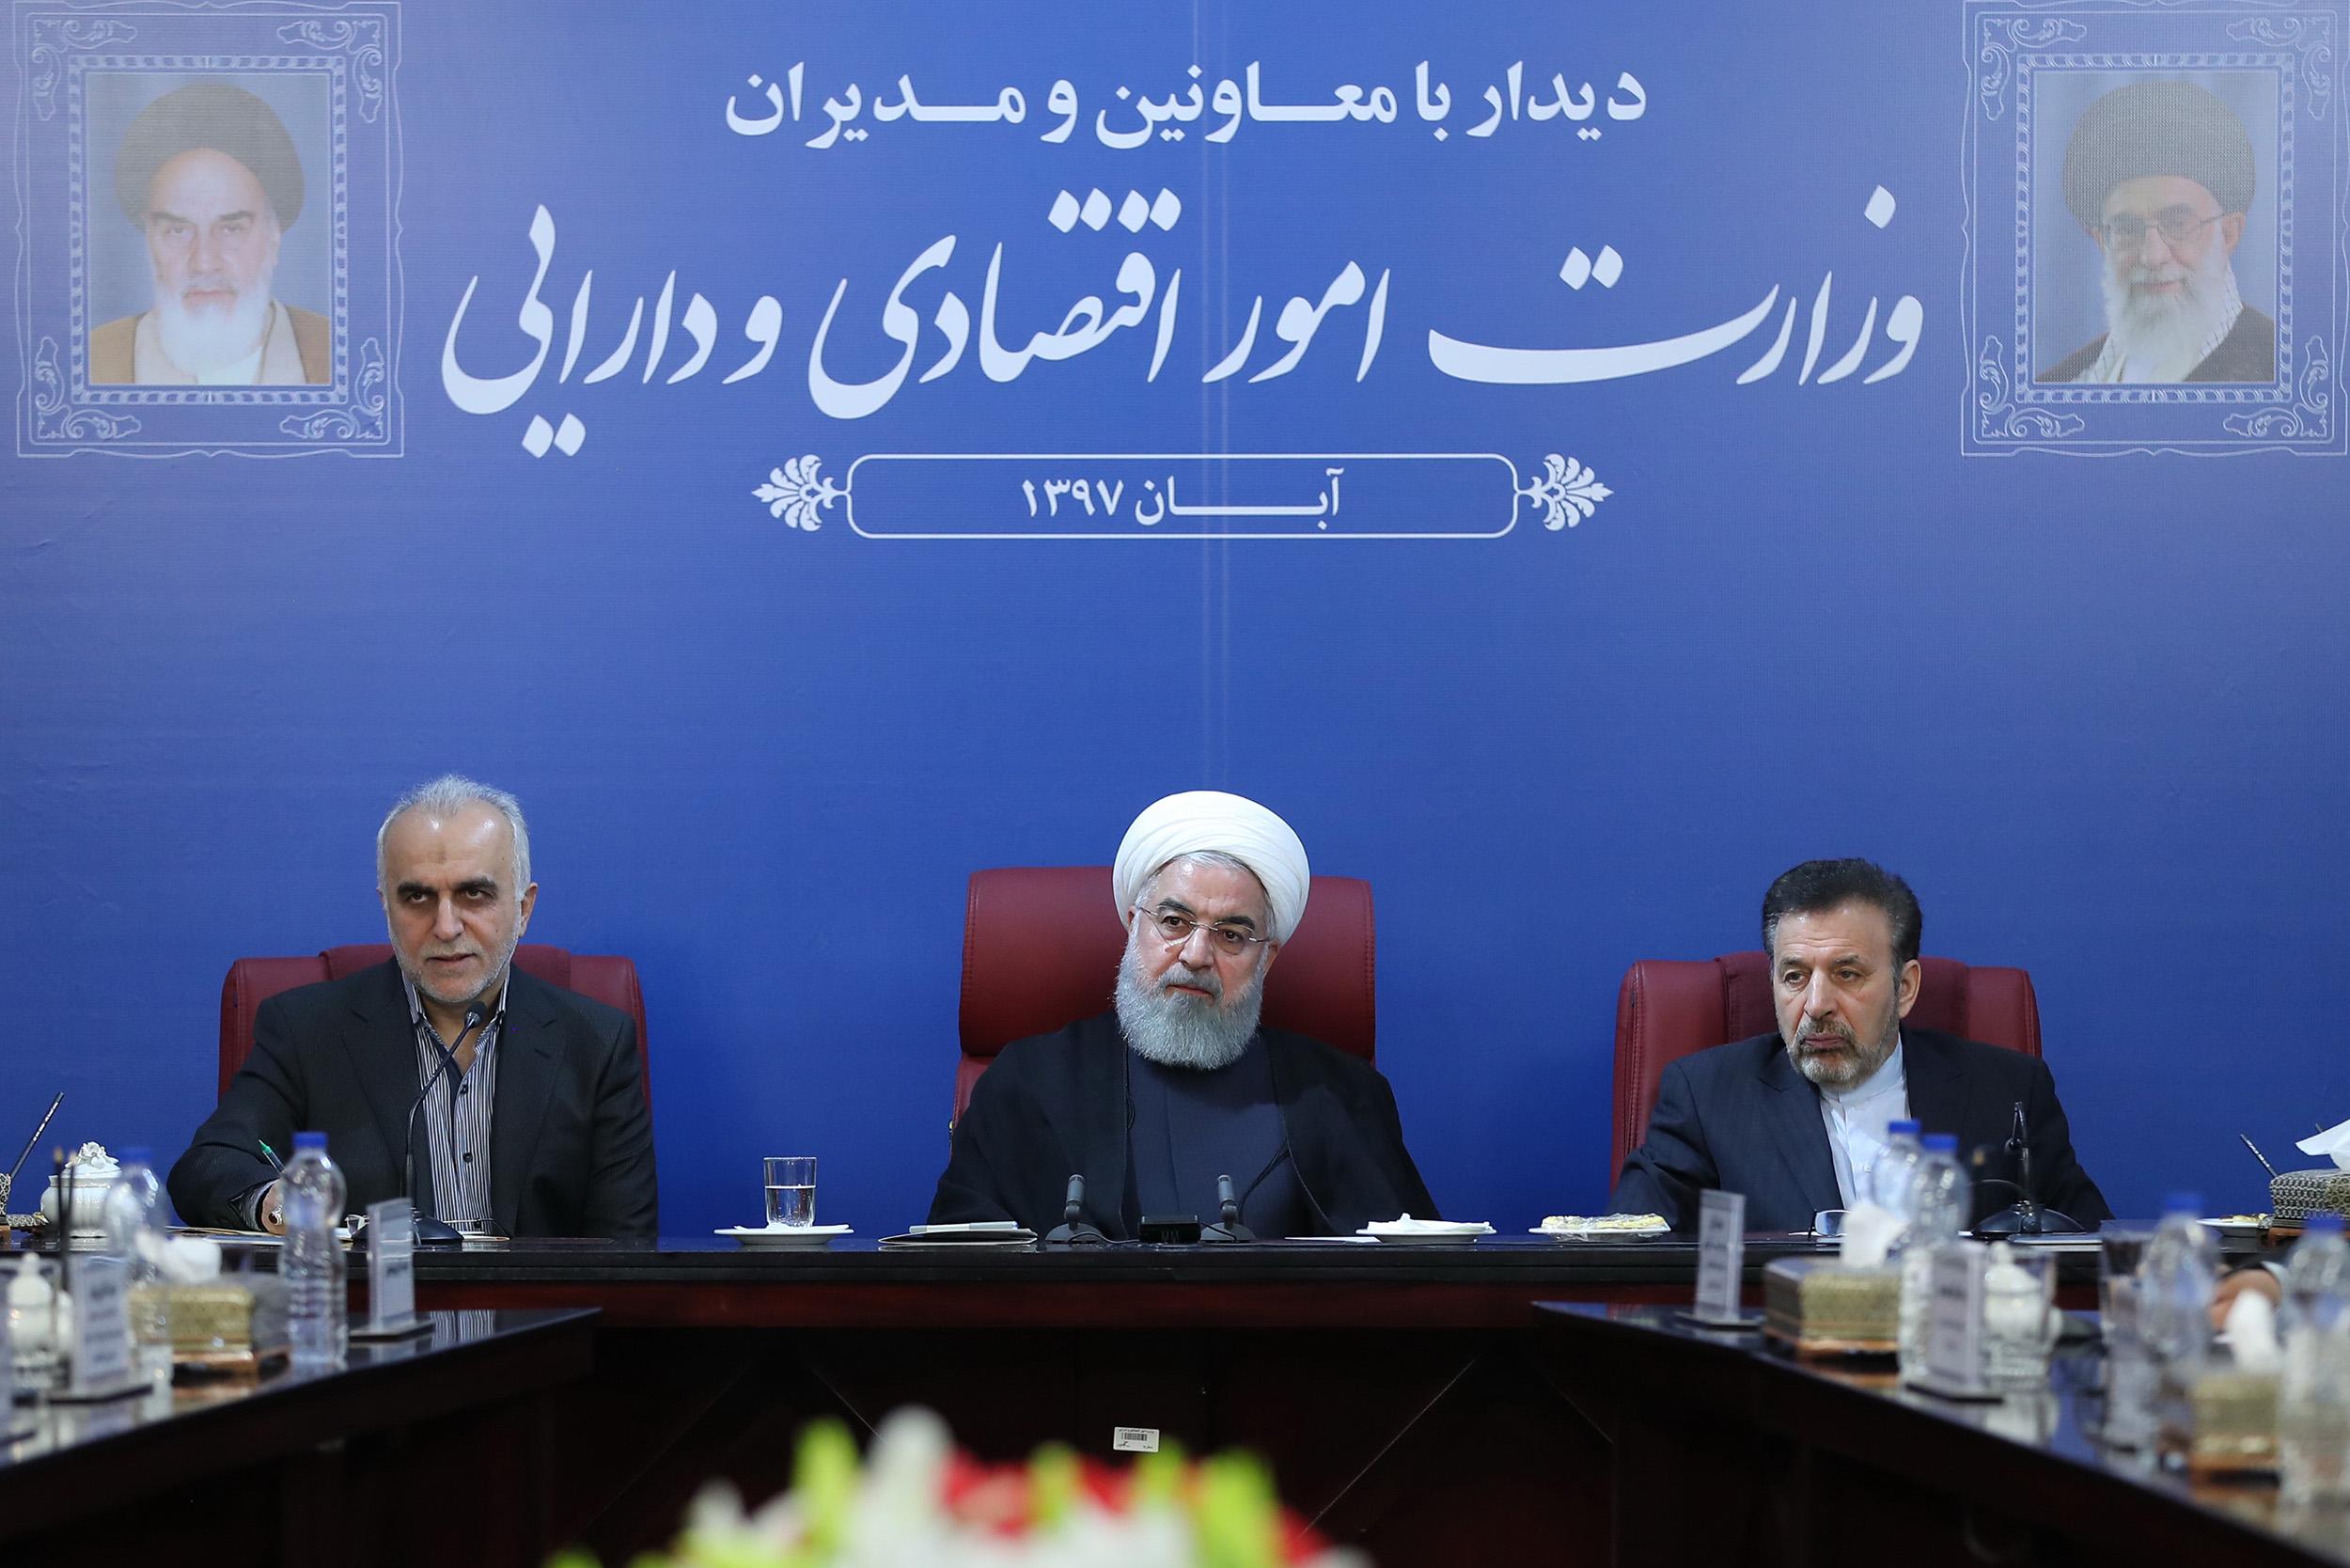 138249 338 - روحانی:دستگاهها بخاطر منافع دنیوی، تبادل اطلاعات نمیکنند/با افتخار تحریم آمریکا را دور میزنیم